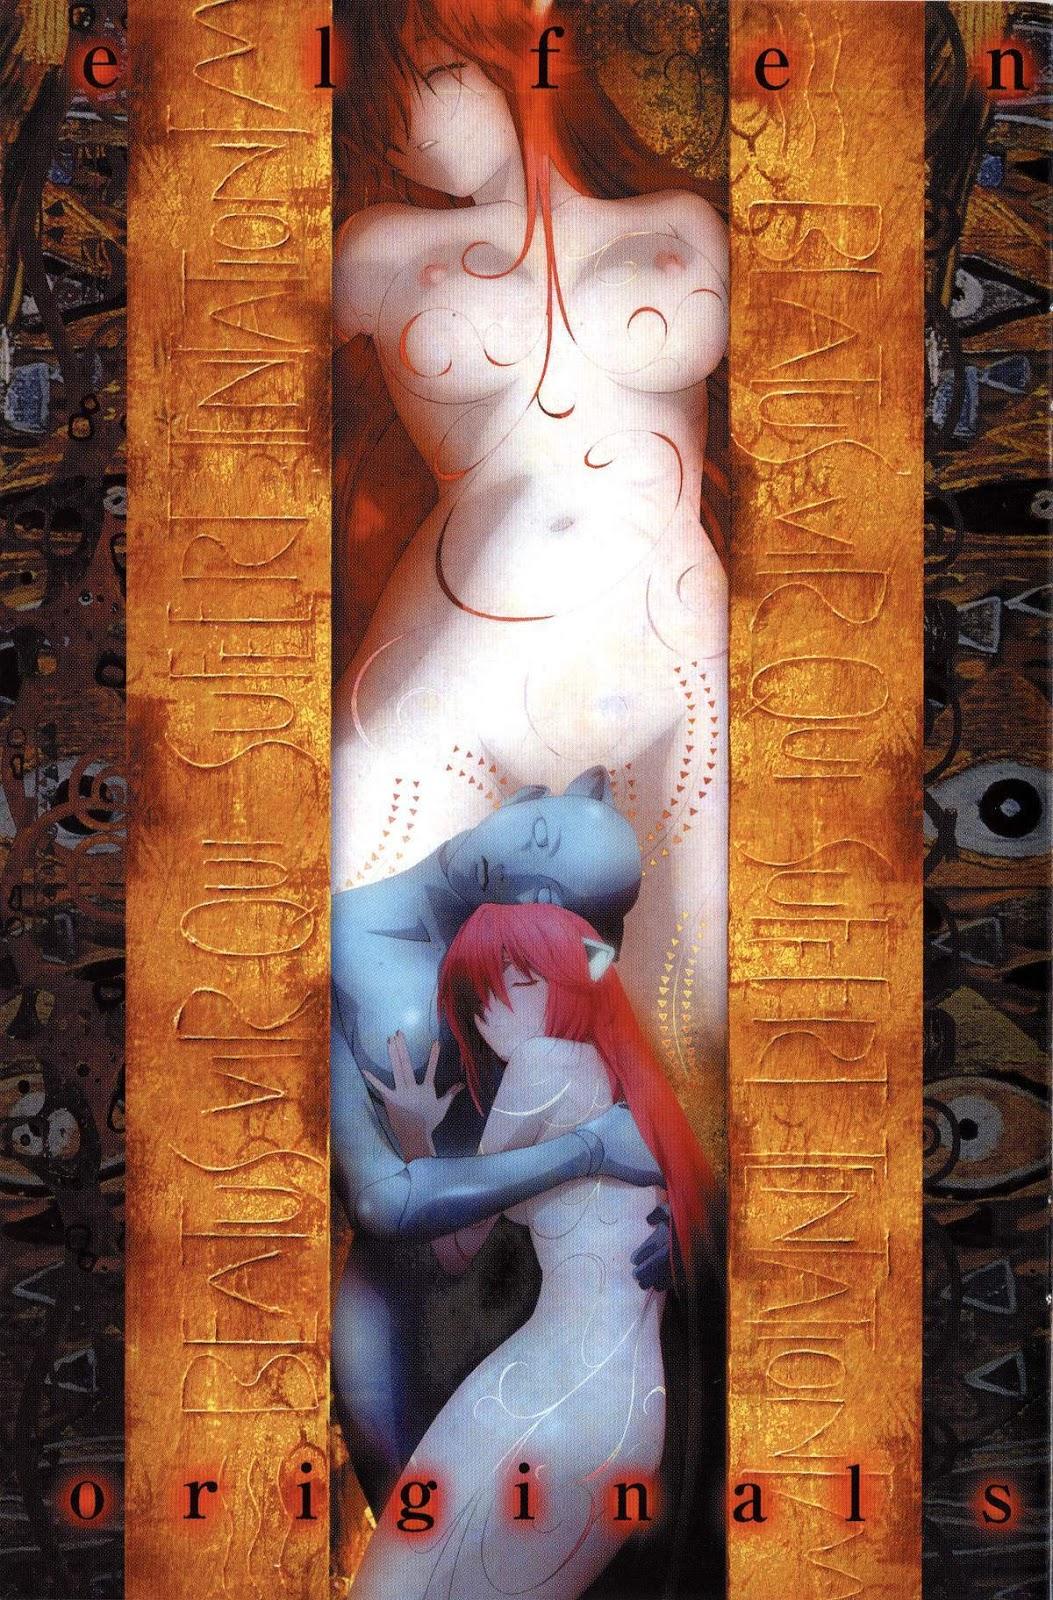 http://4.bp.blogspot.com/-nlL1yPV6THI/UdACPCcDG4I/AAAAAAAAD0s/SLweitFiwY8/s1600/2004+Elfen+Lied+Booklet+02.jpg